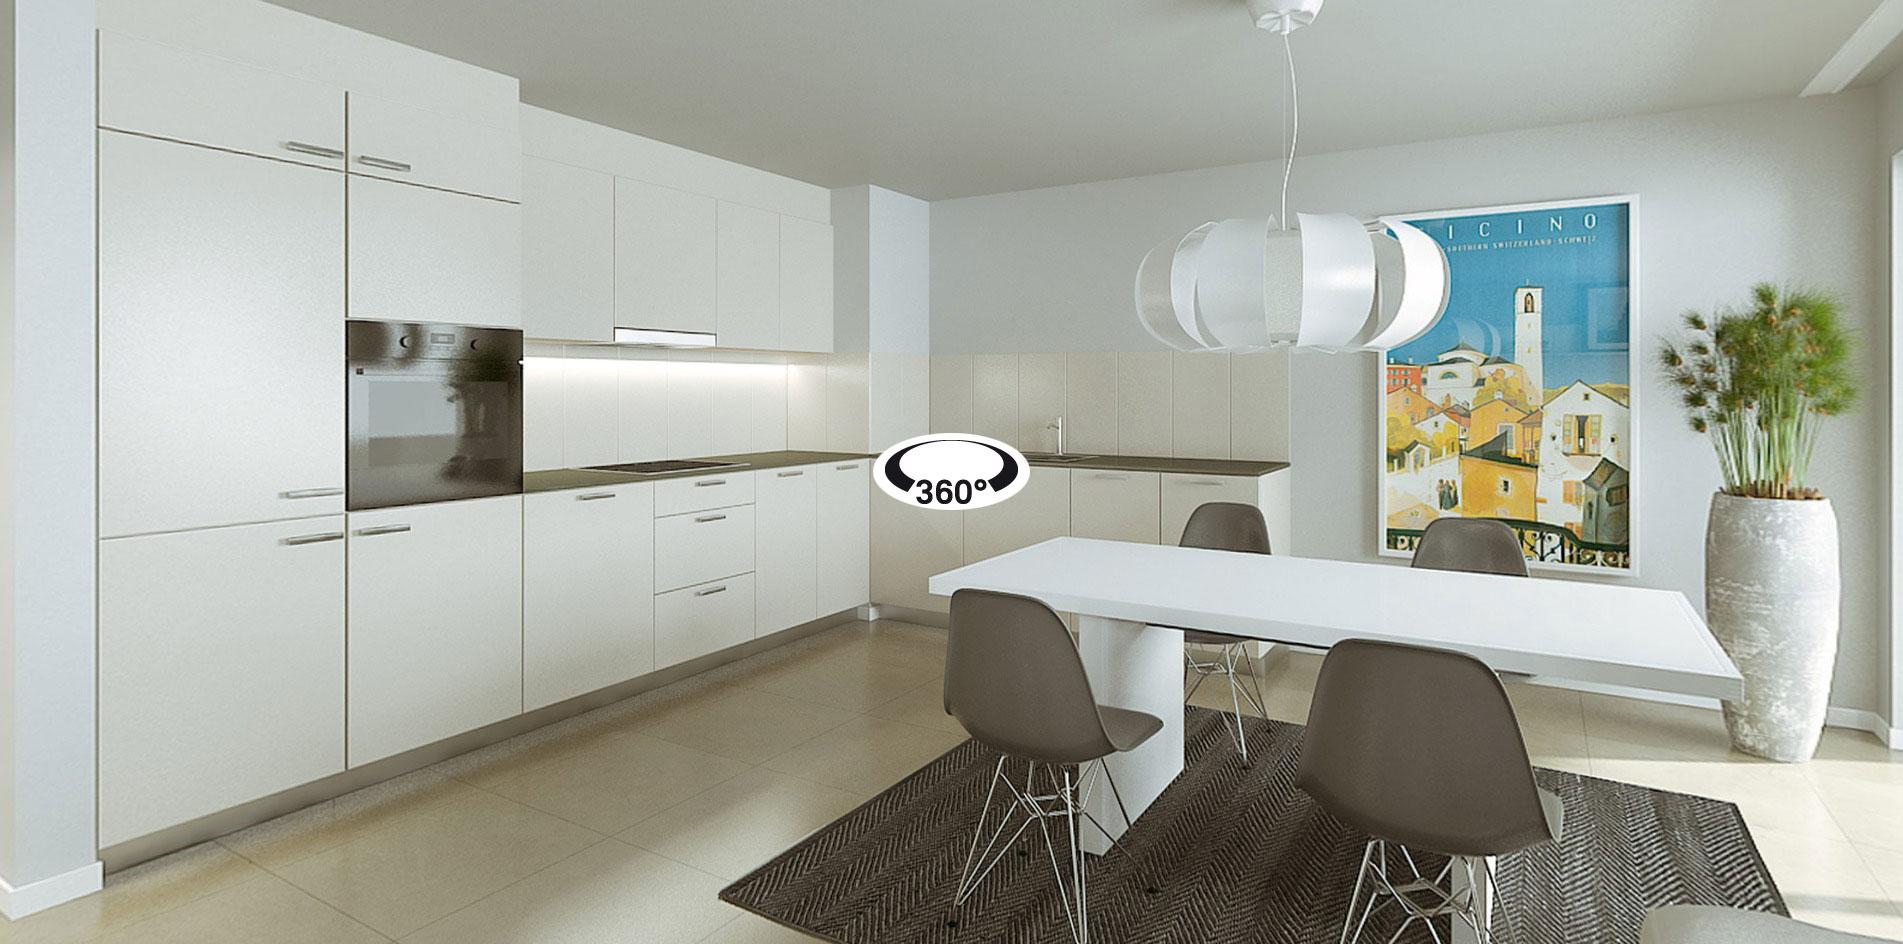 Abitazioni - Residenza La Vigna 360 Virtual Tour